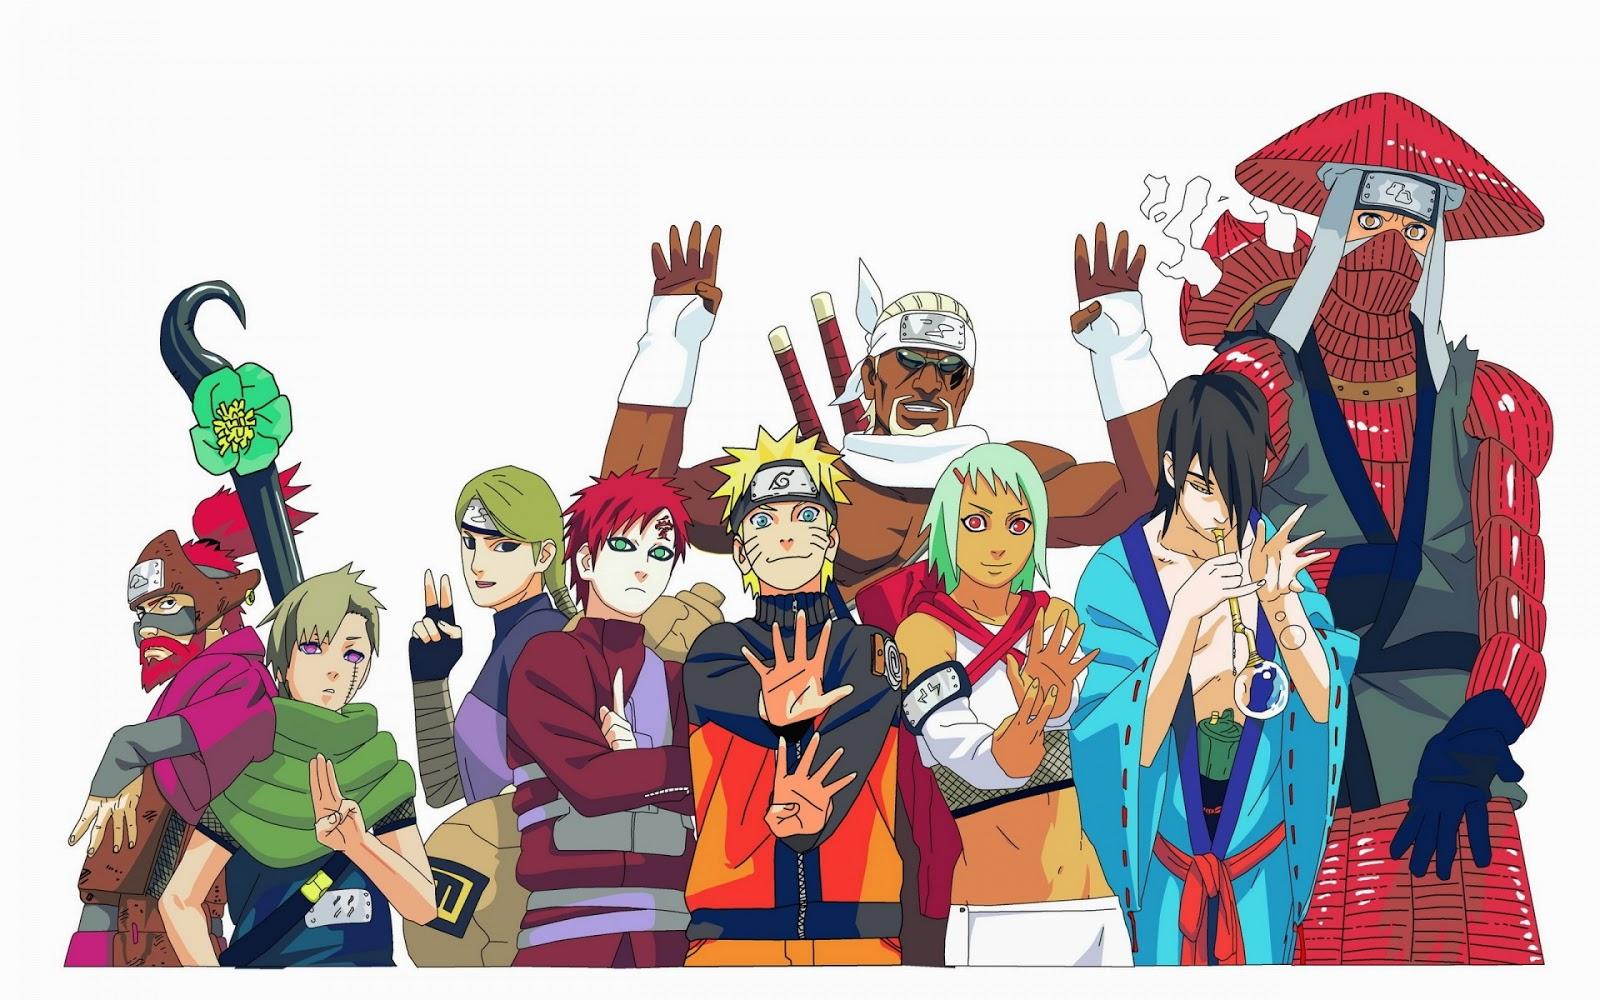 10 vĩ thú trong phim. Mình nhớ có tập mà Naruto cùng với các vĩ thú, Jin  nói chuyện với nhau rất cảm động. Và họ tin tưởng vào lựa chọn cũng ...